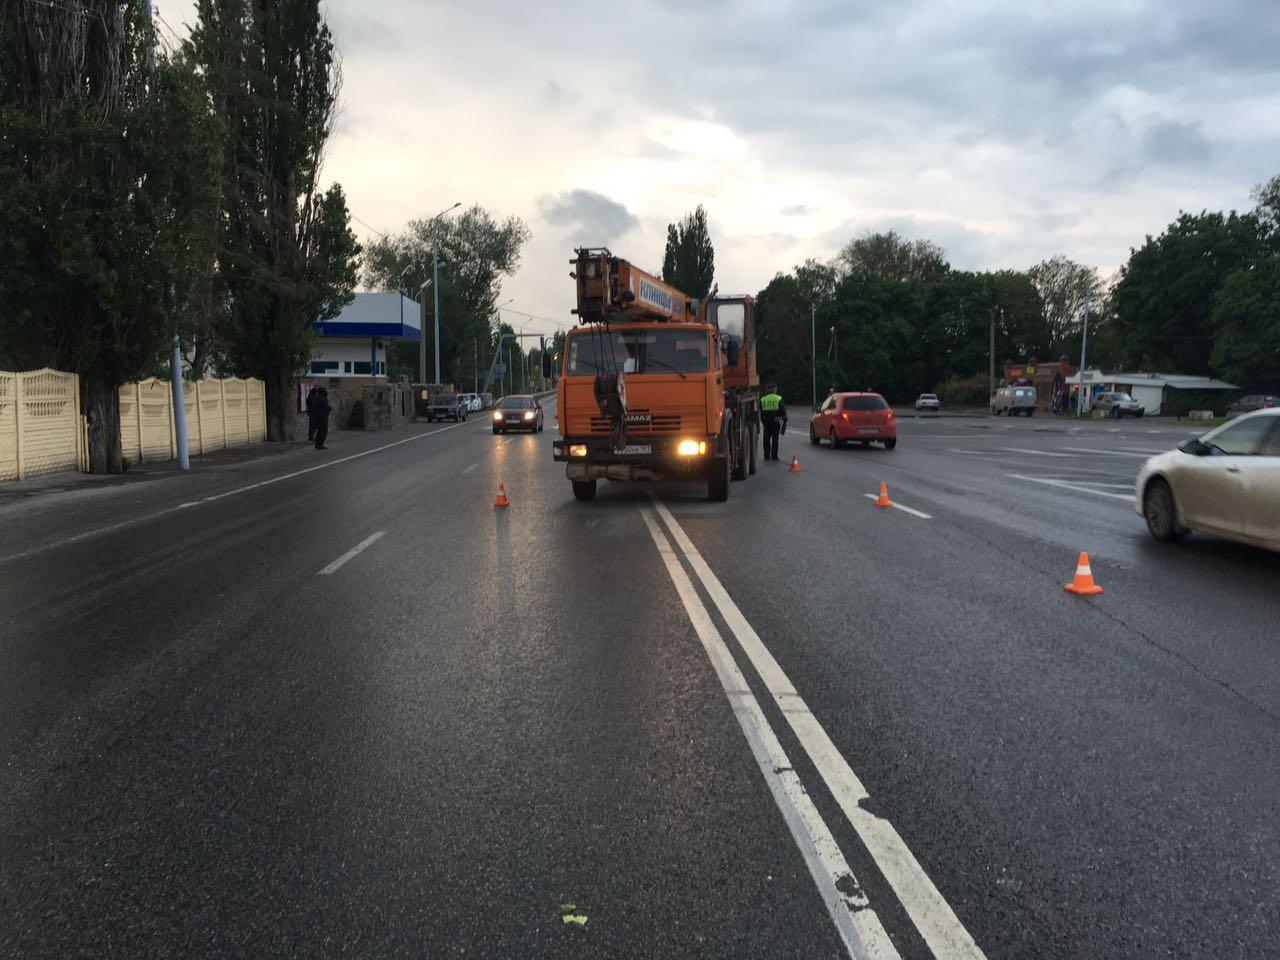 На Самбекском посту ДПС автокран протаранил междугороднюю маршрутку, 2 пострадавших